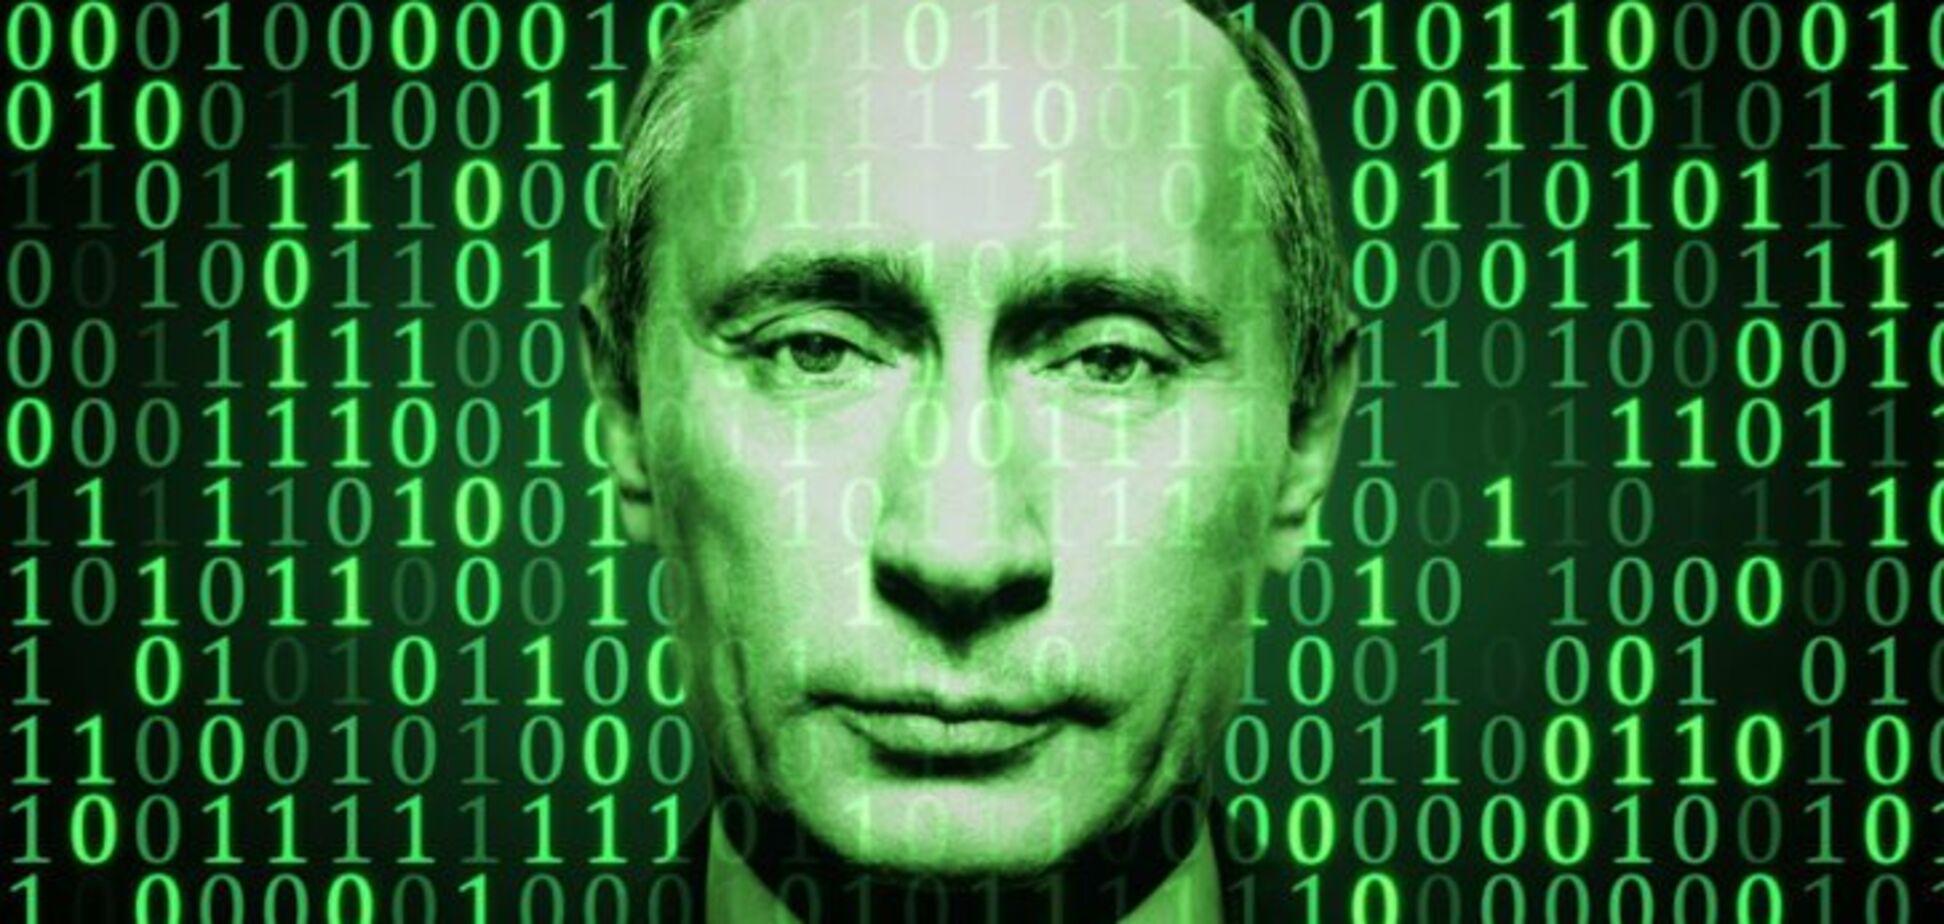 Кибератаки России: эксперт назвал главную мишень в Украине